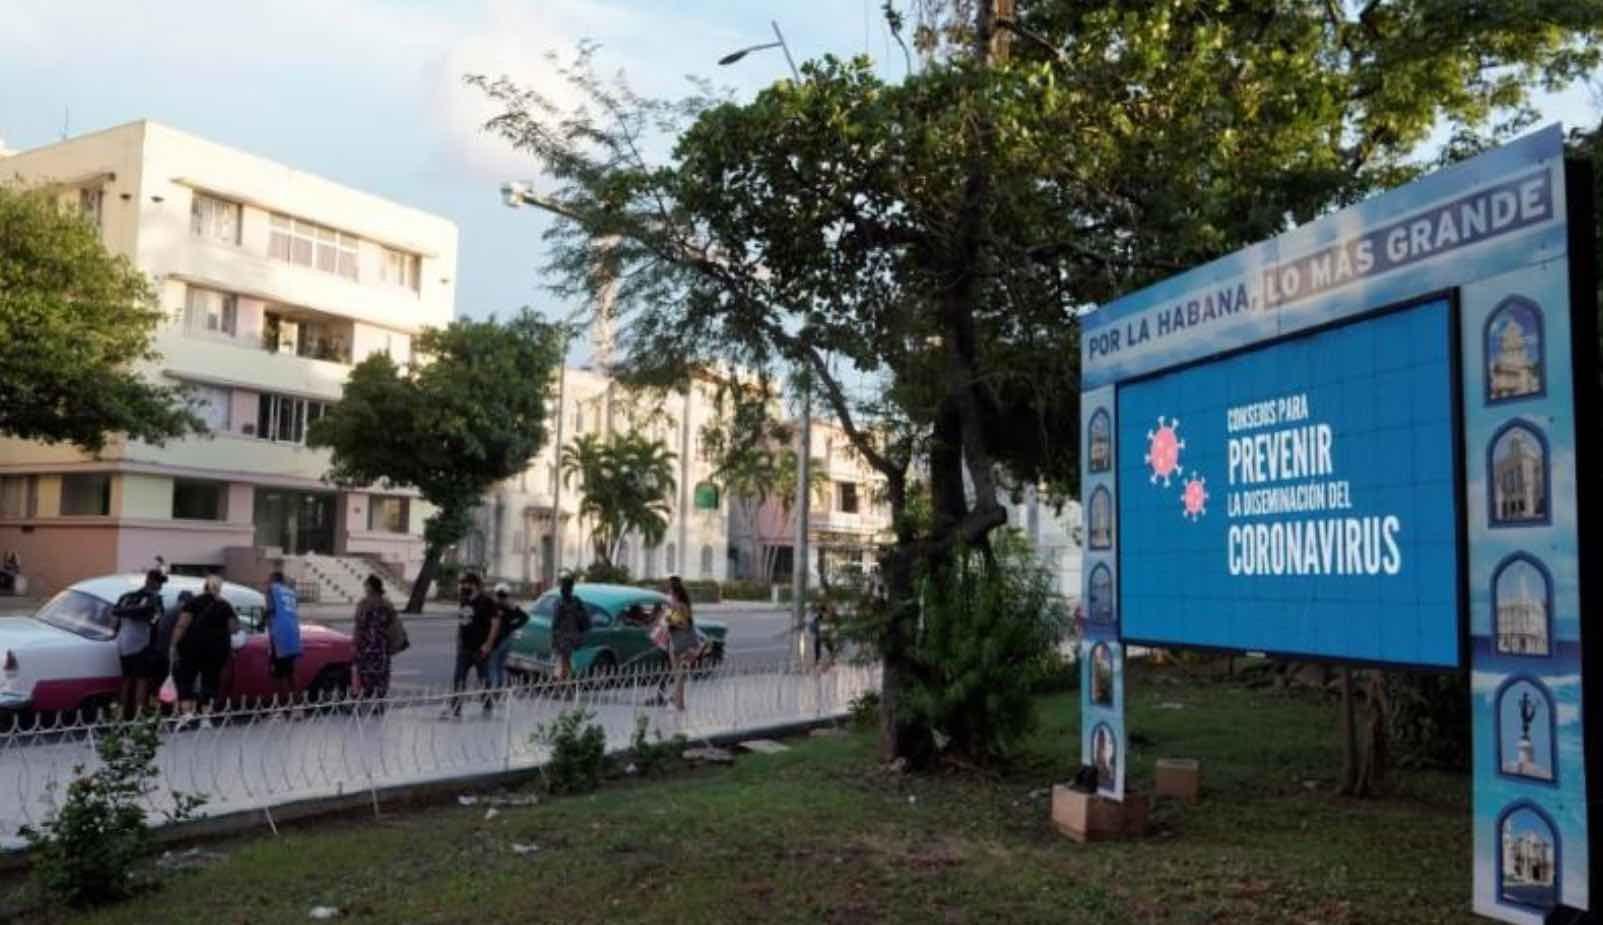 Vaccine ngừa COVID-19 của Cuba có hiệu quả trong ngăn ngừa biến thể Delta